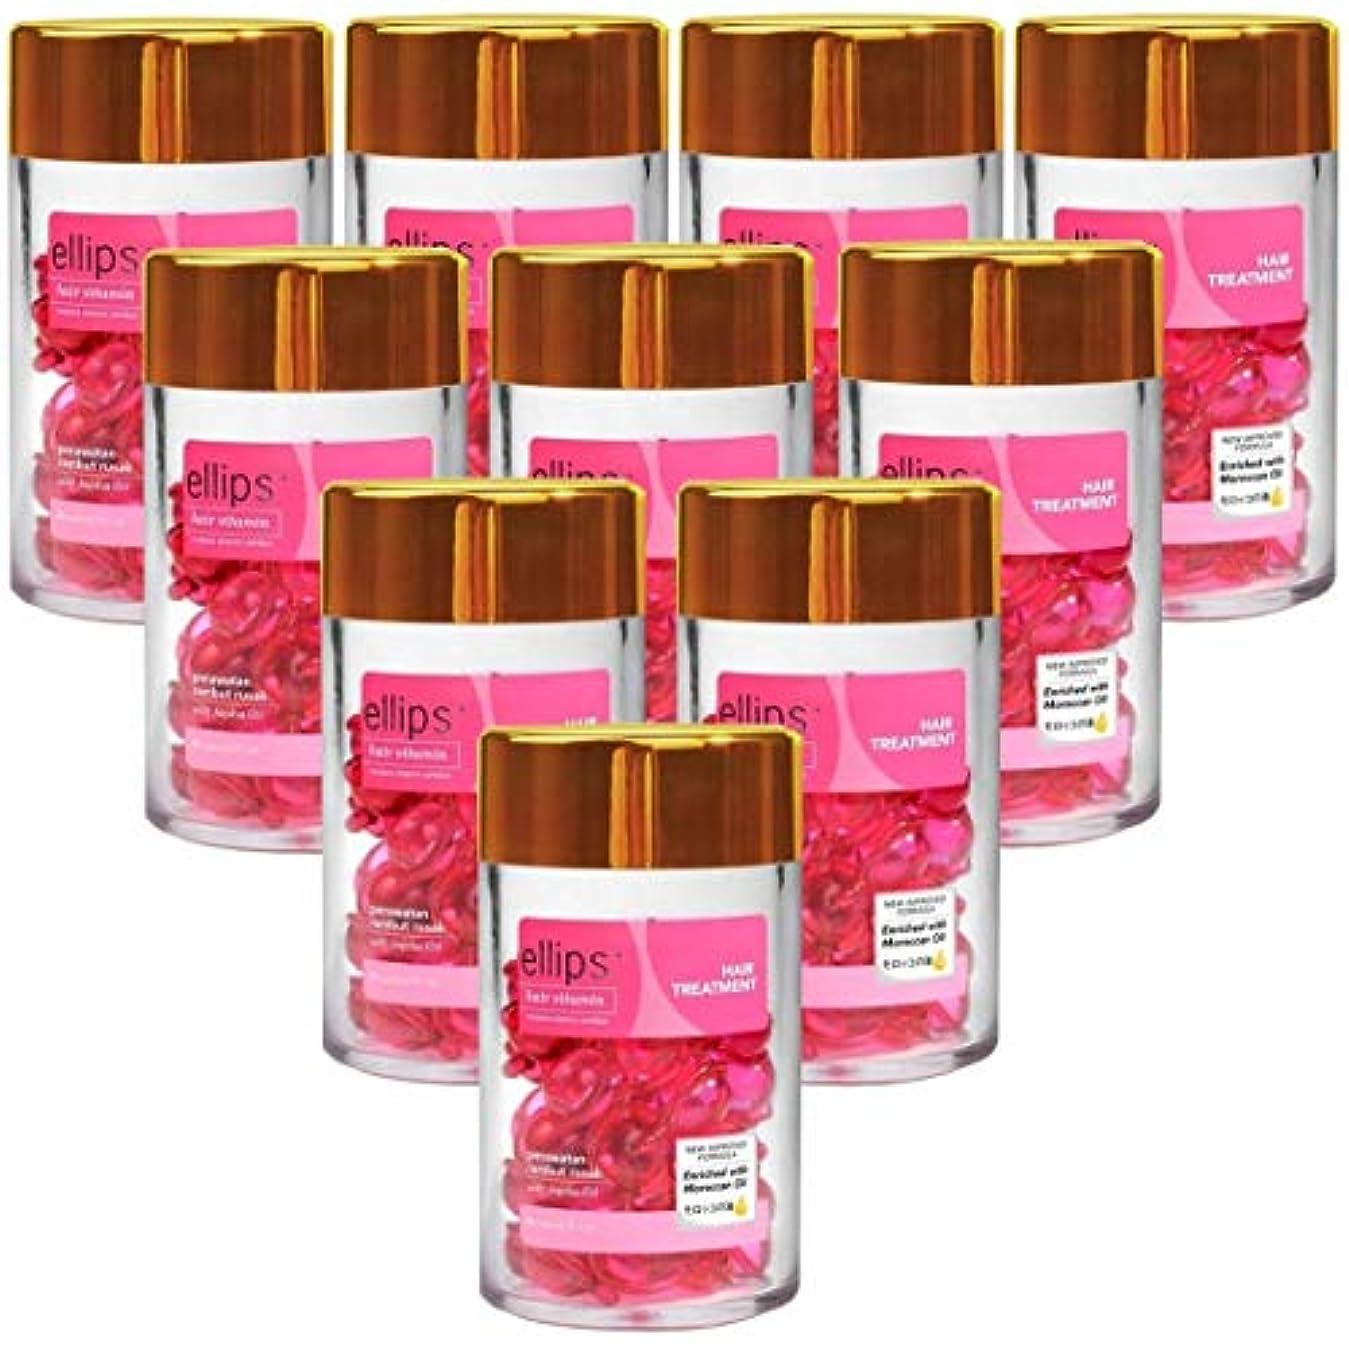 パフプラグ爪エリップス ellips ヘアビタミン ヘアトリートメント 50粒 ボトル ピンク お得な10本セット [並行輸入品]